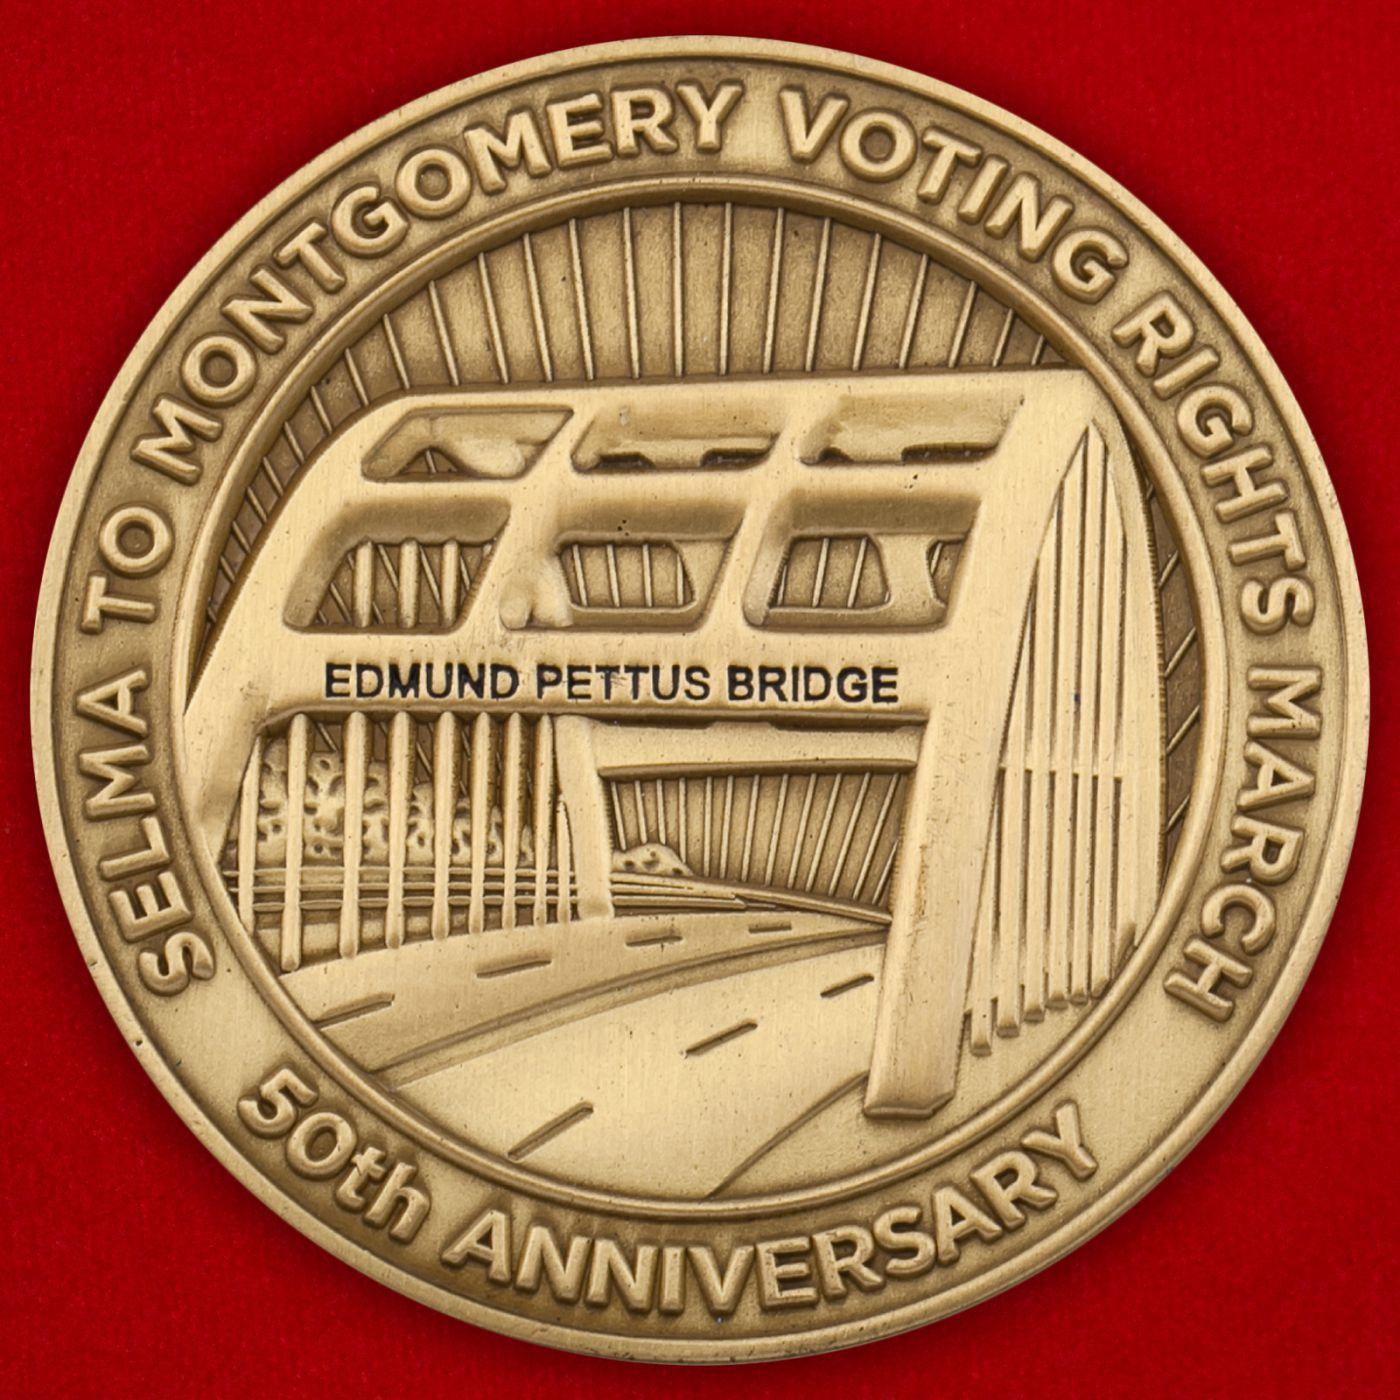 Челлендж коин к 50-летию моста Edmund Pettus Bridge, Сельма, штат Алабама